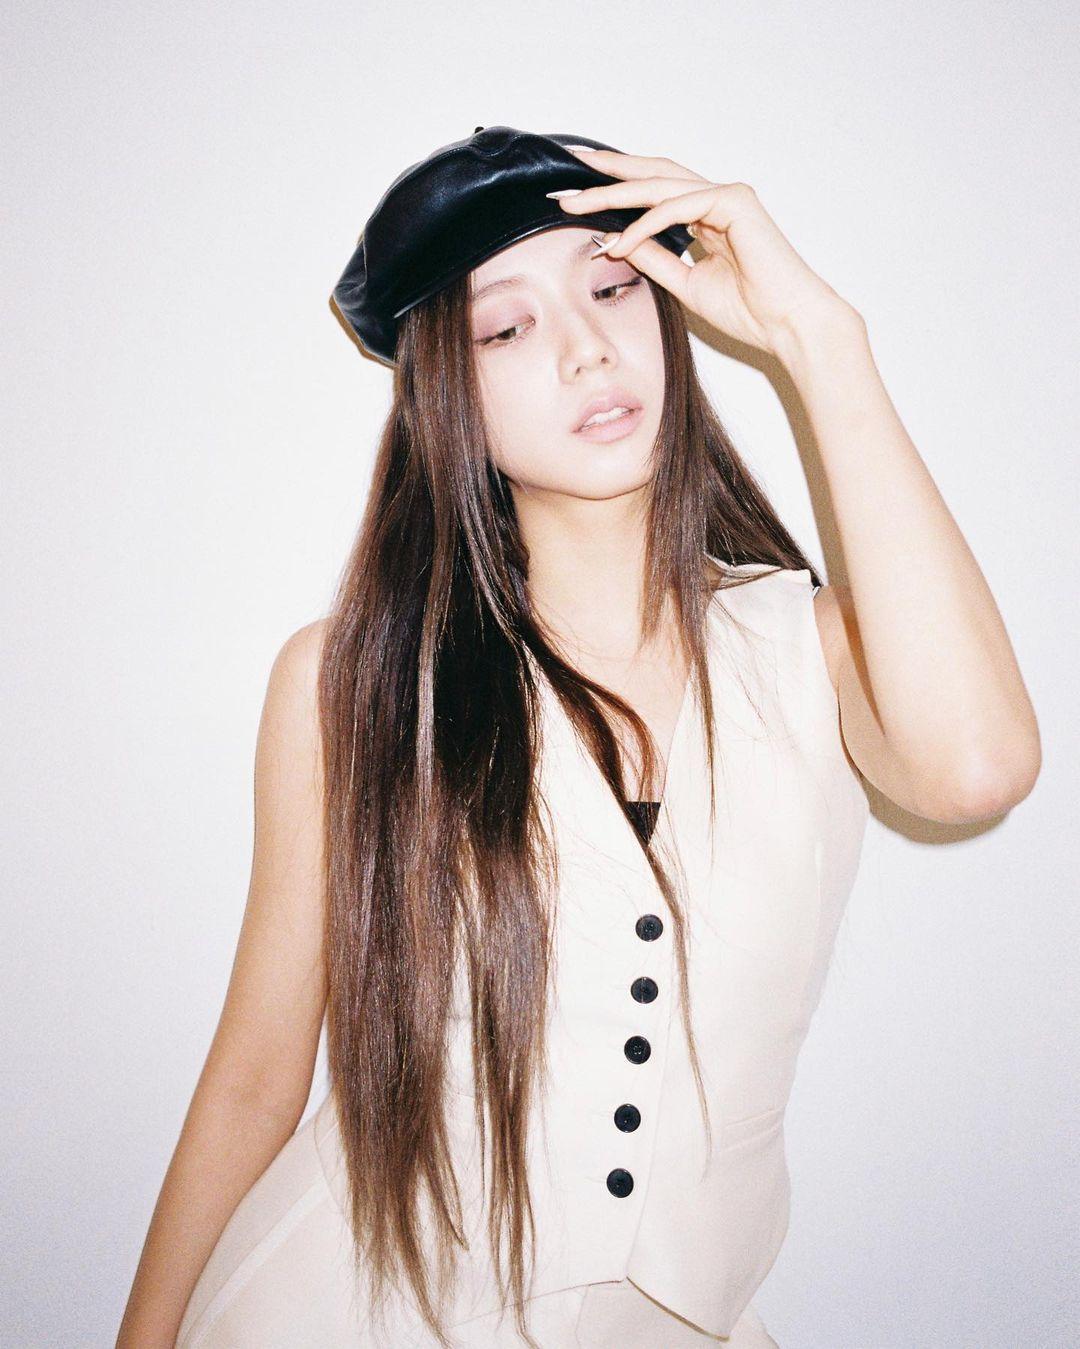 Chán tóc xoăn thì chị em hãy chuyển phỏm sang tóc duỗi thẳng tưng với 4 kiểu siêu sang sau đây 7